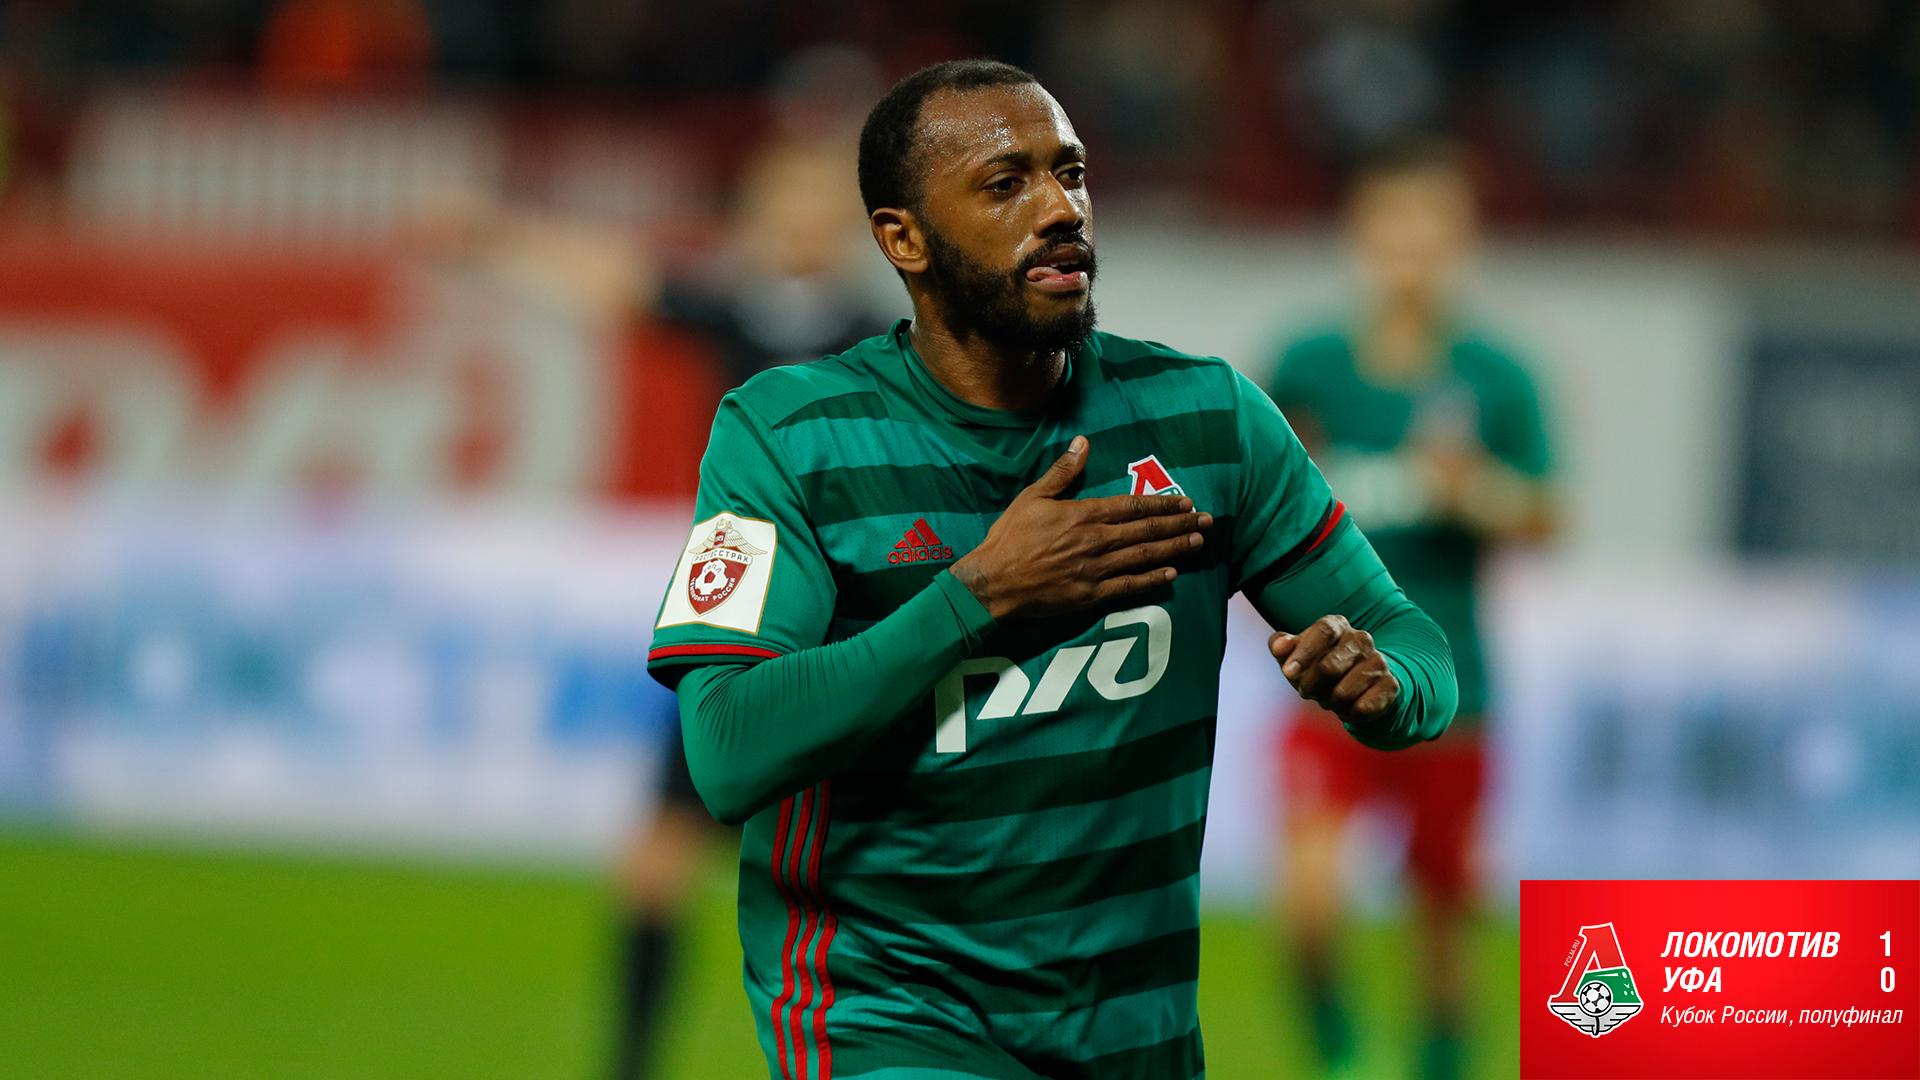 «Локомотив» - «Уфа» - 1:0